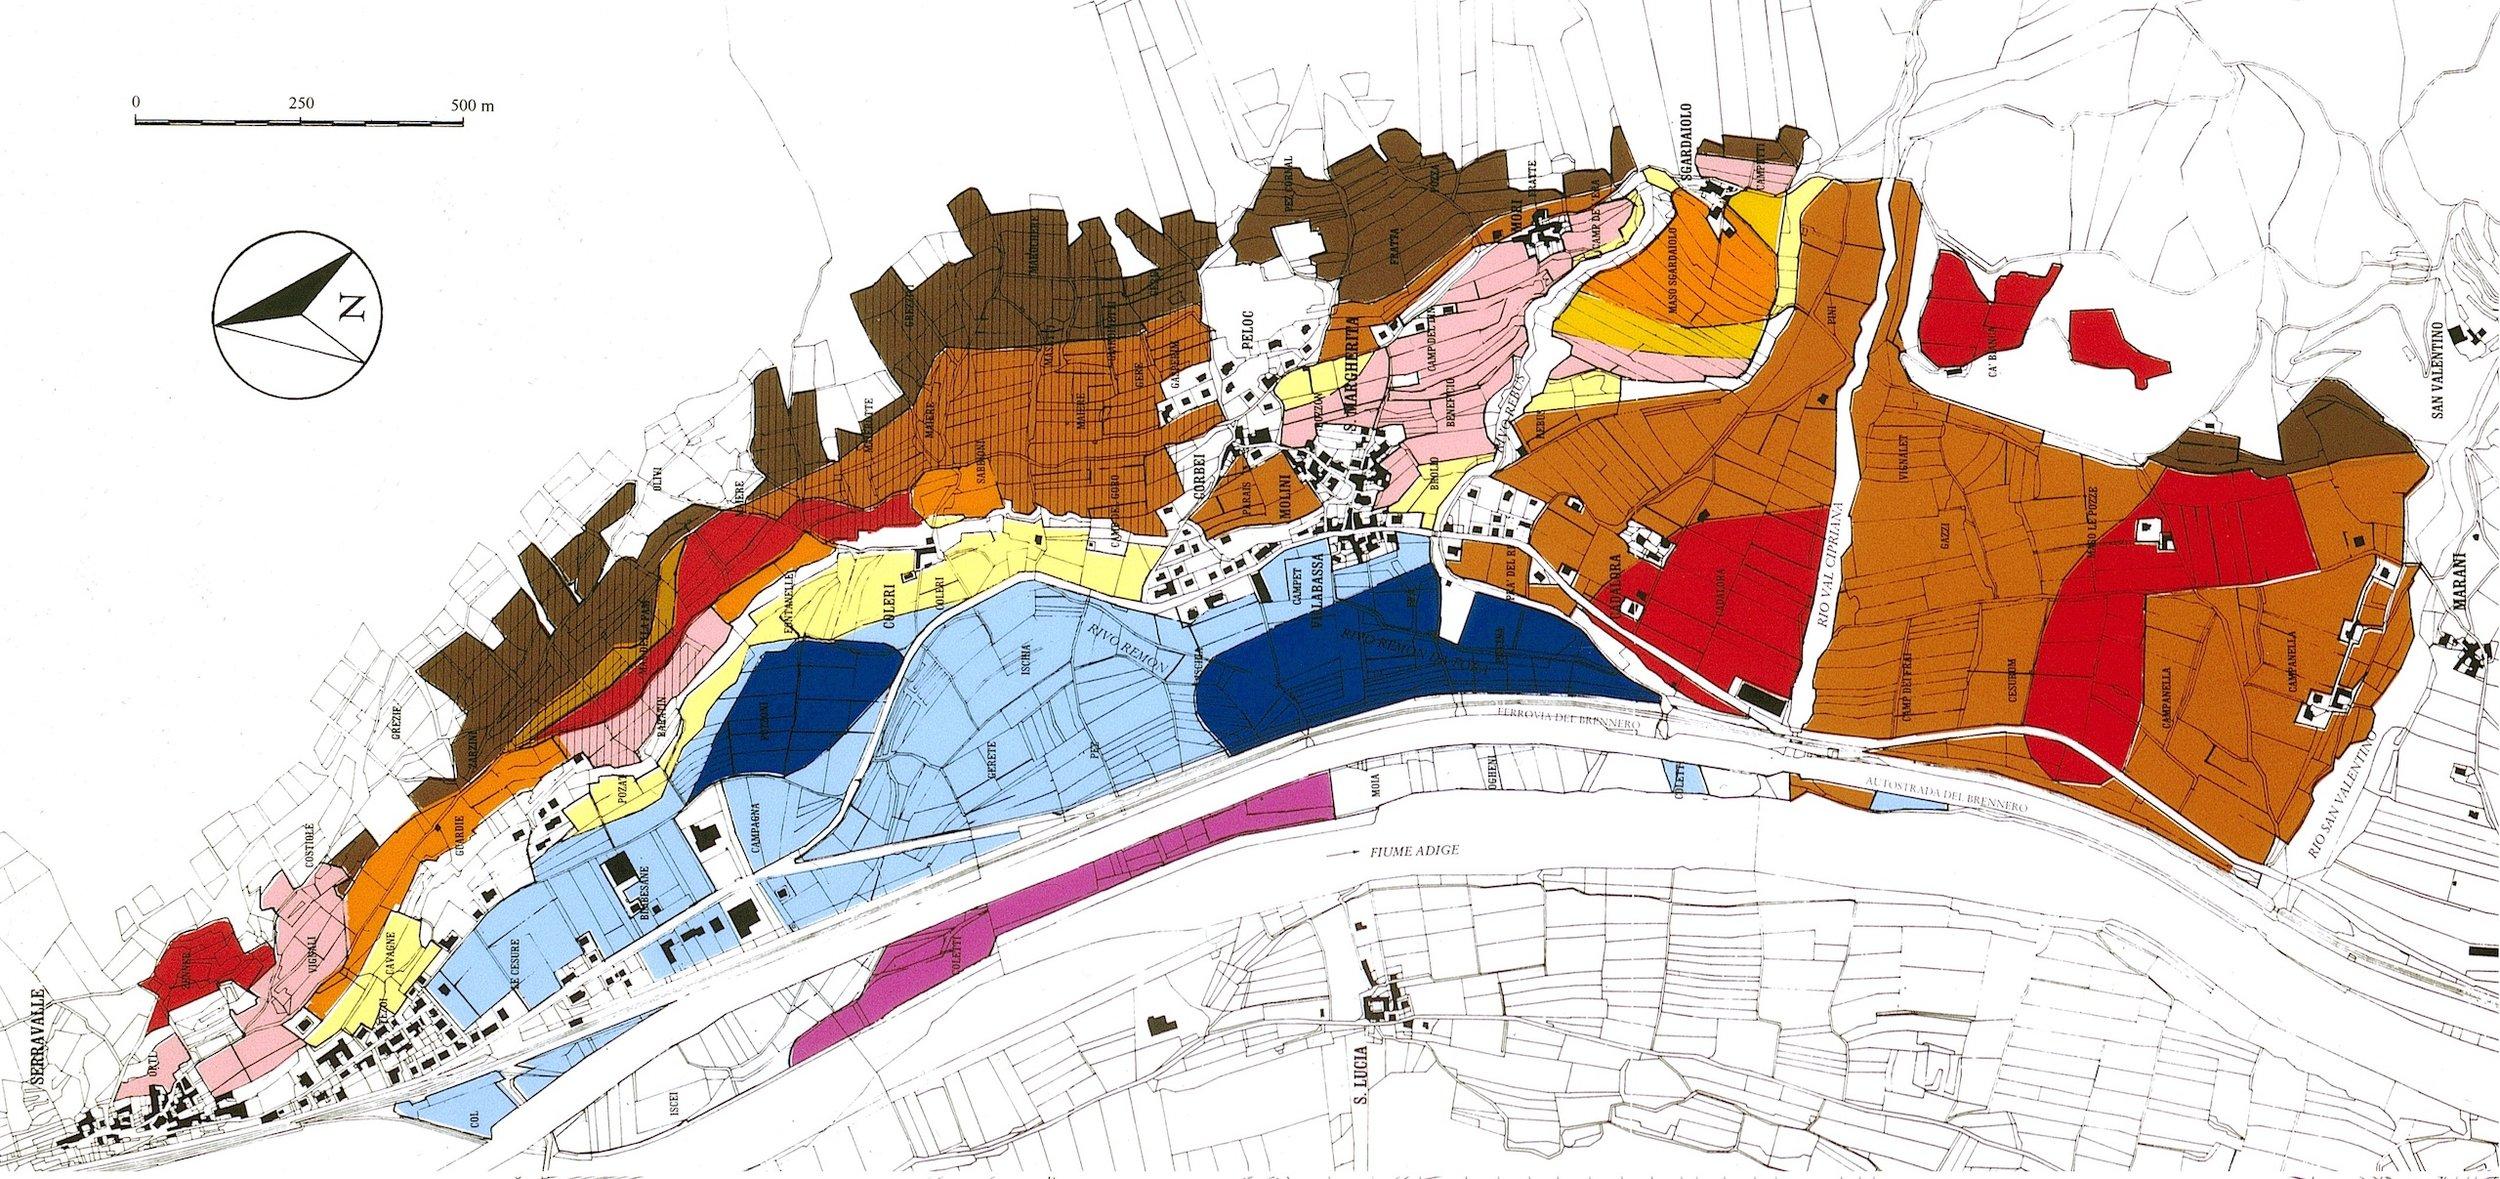 Santa Margherita d'Ala, Vallagarina, Trento - La carta dei suoli - clicca sull'immagine per ingrandirla